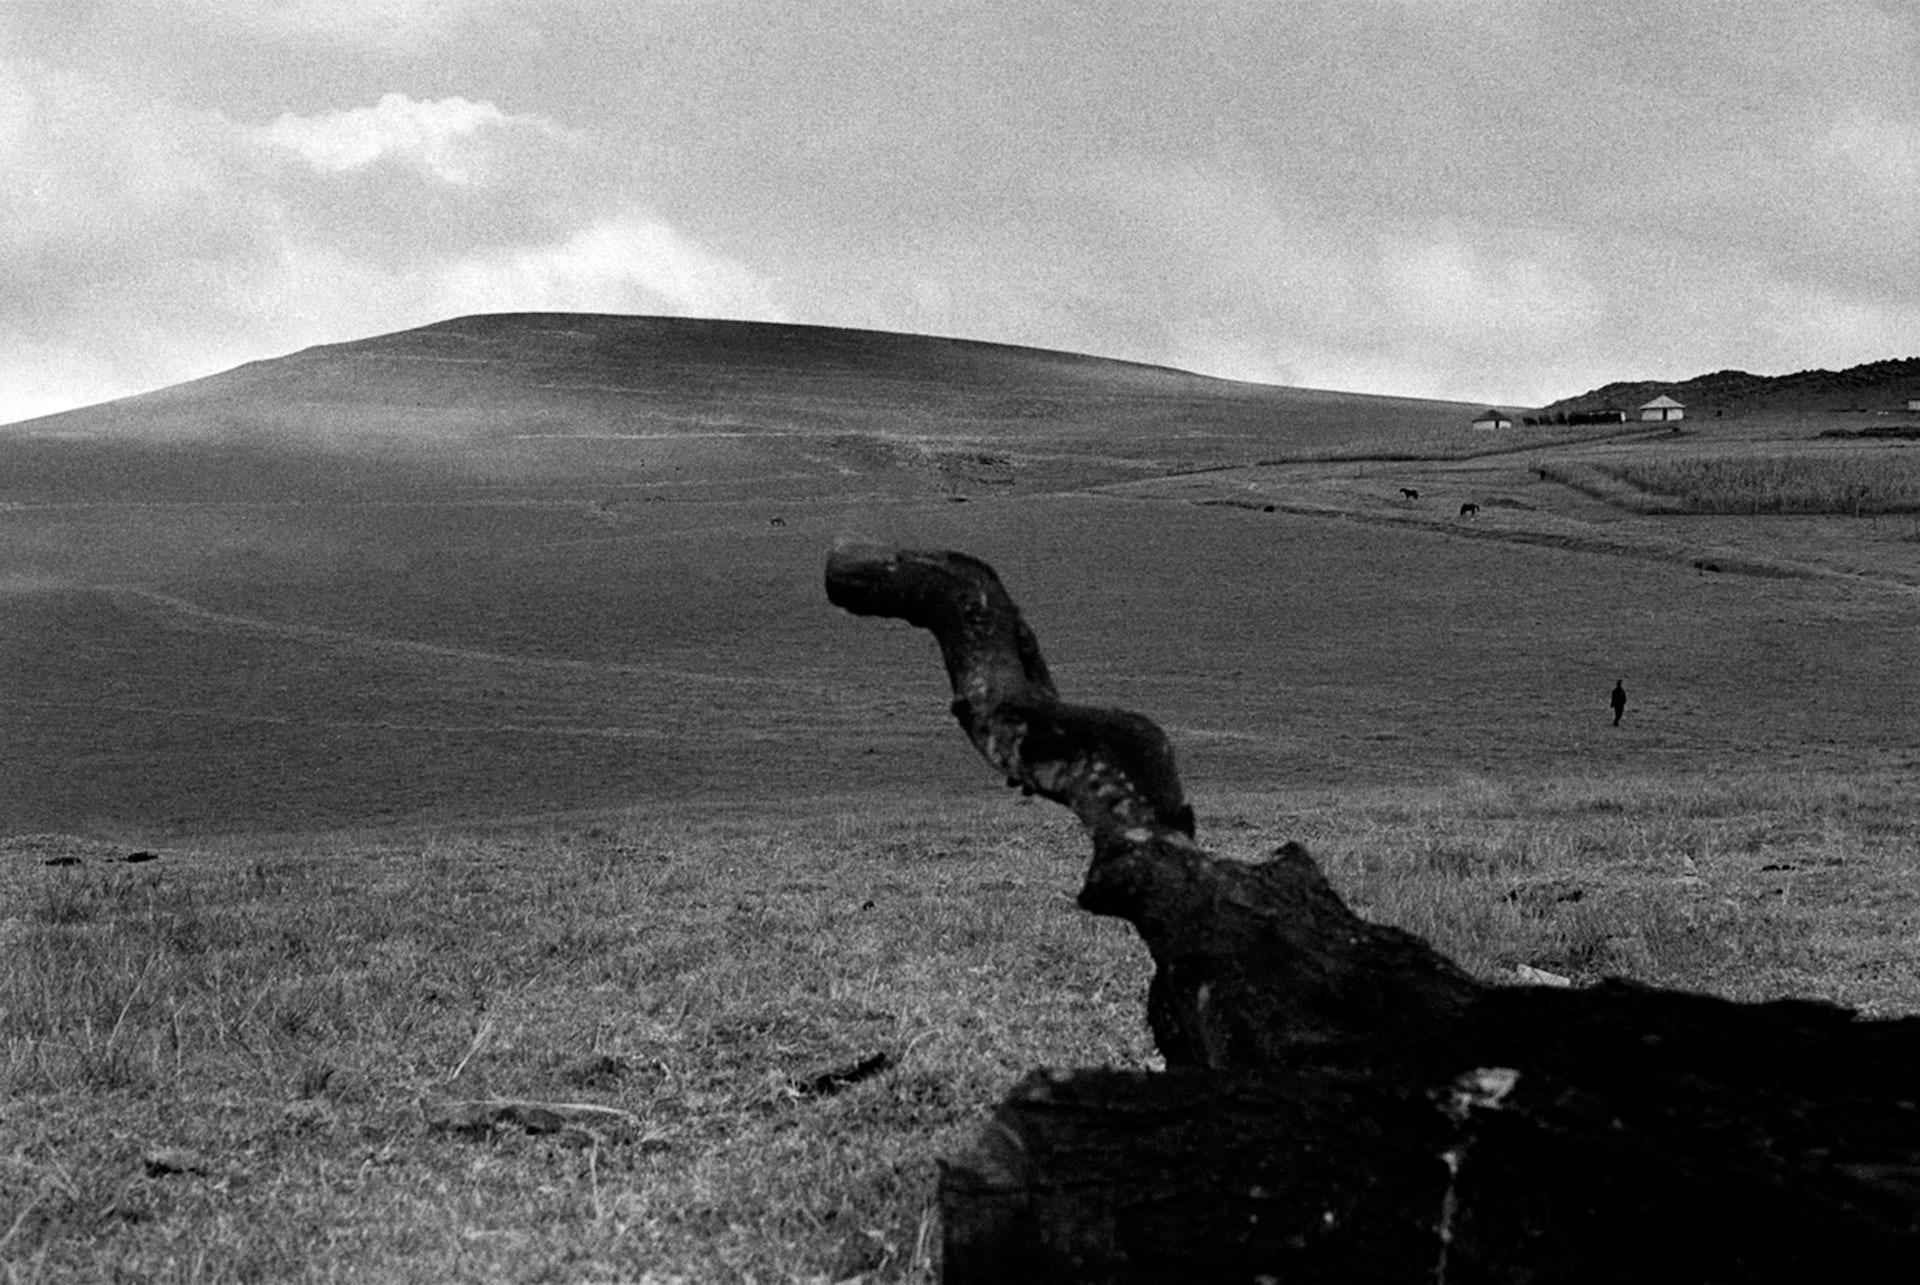 The Julukuqu mountain in Mqhekezweni - where Nelson Mandela grew up.Bonile Bam